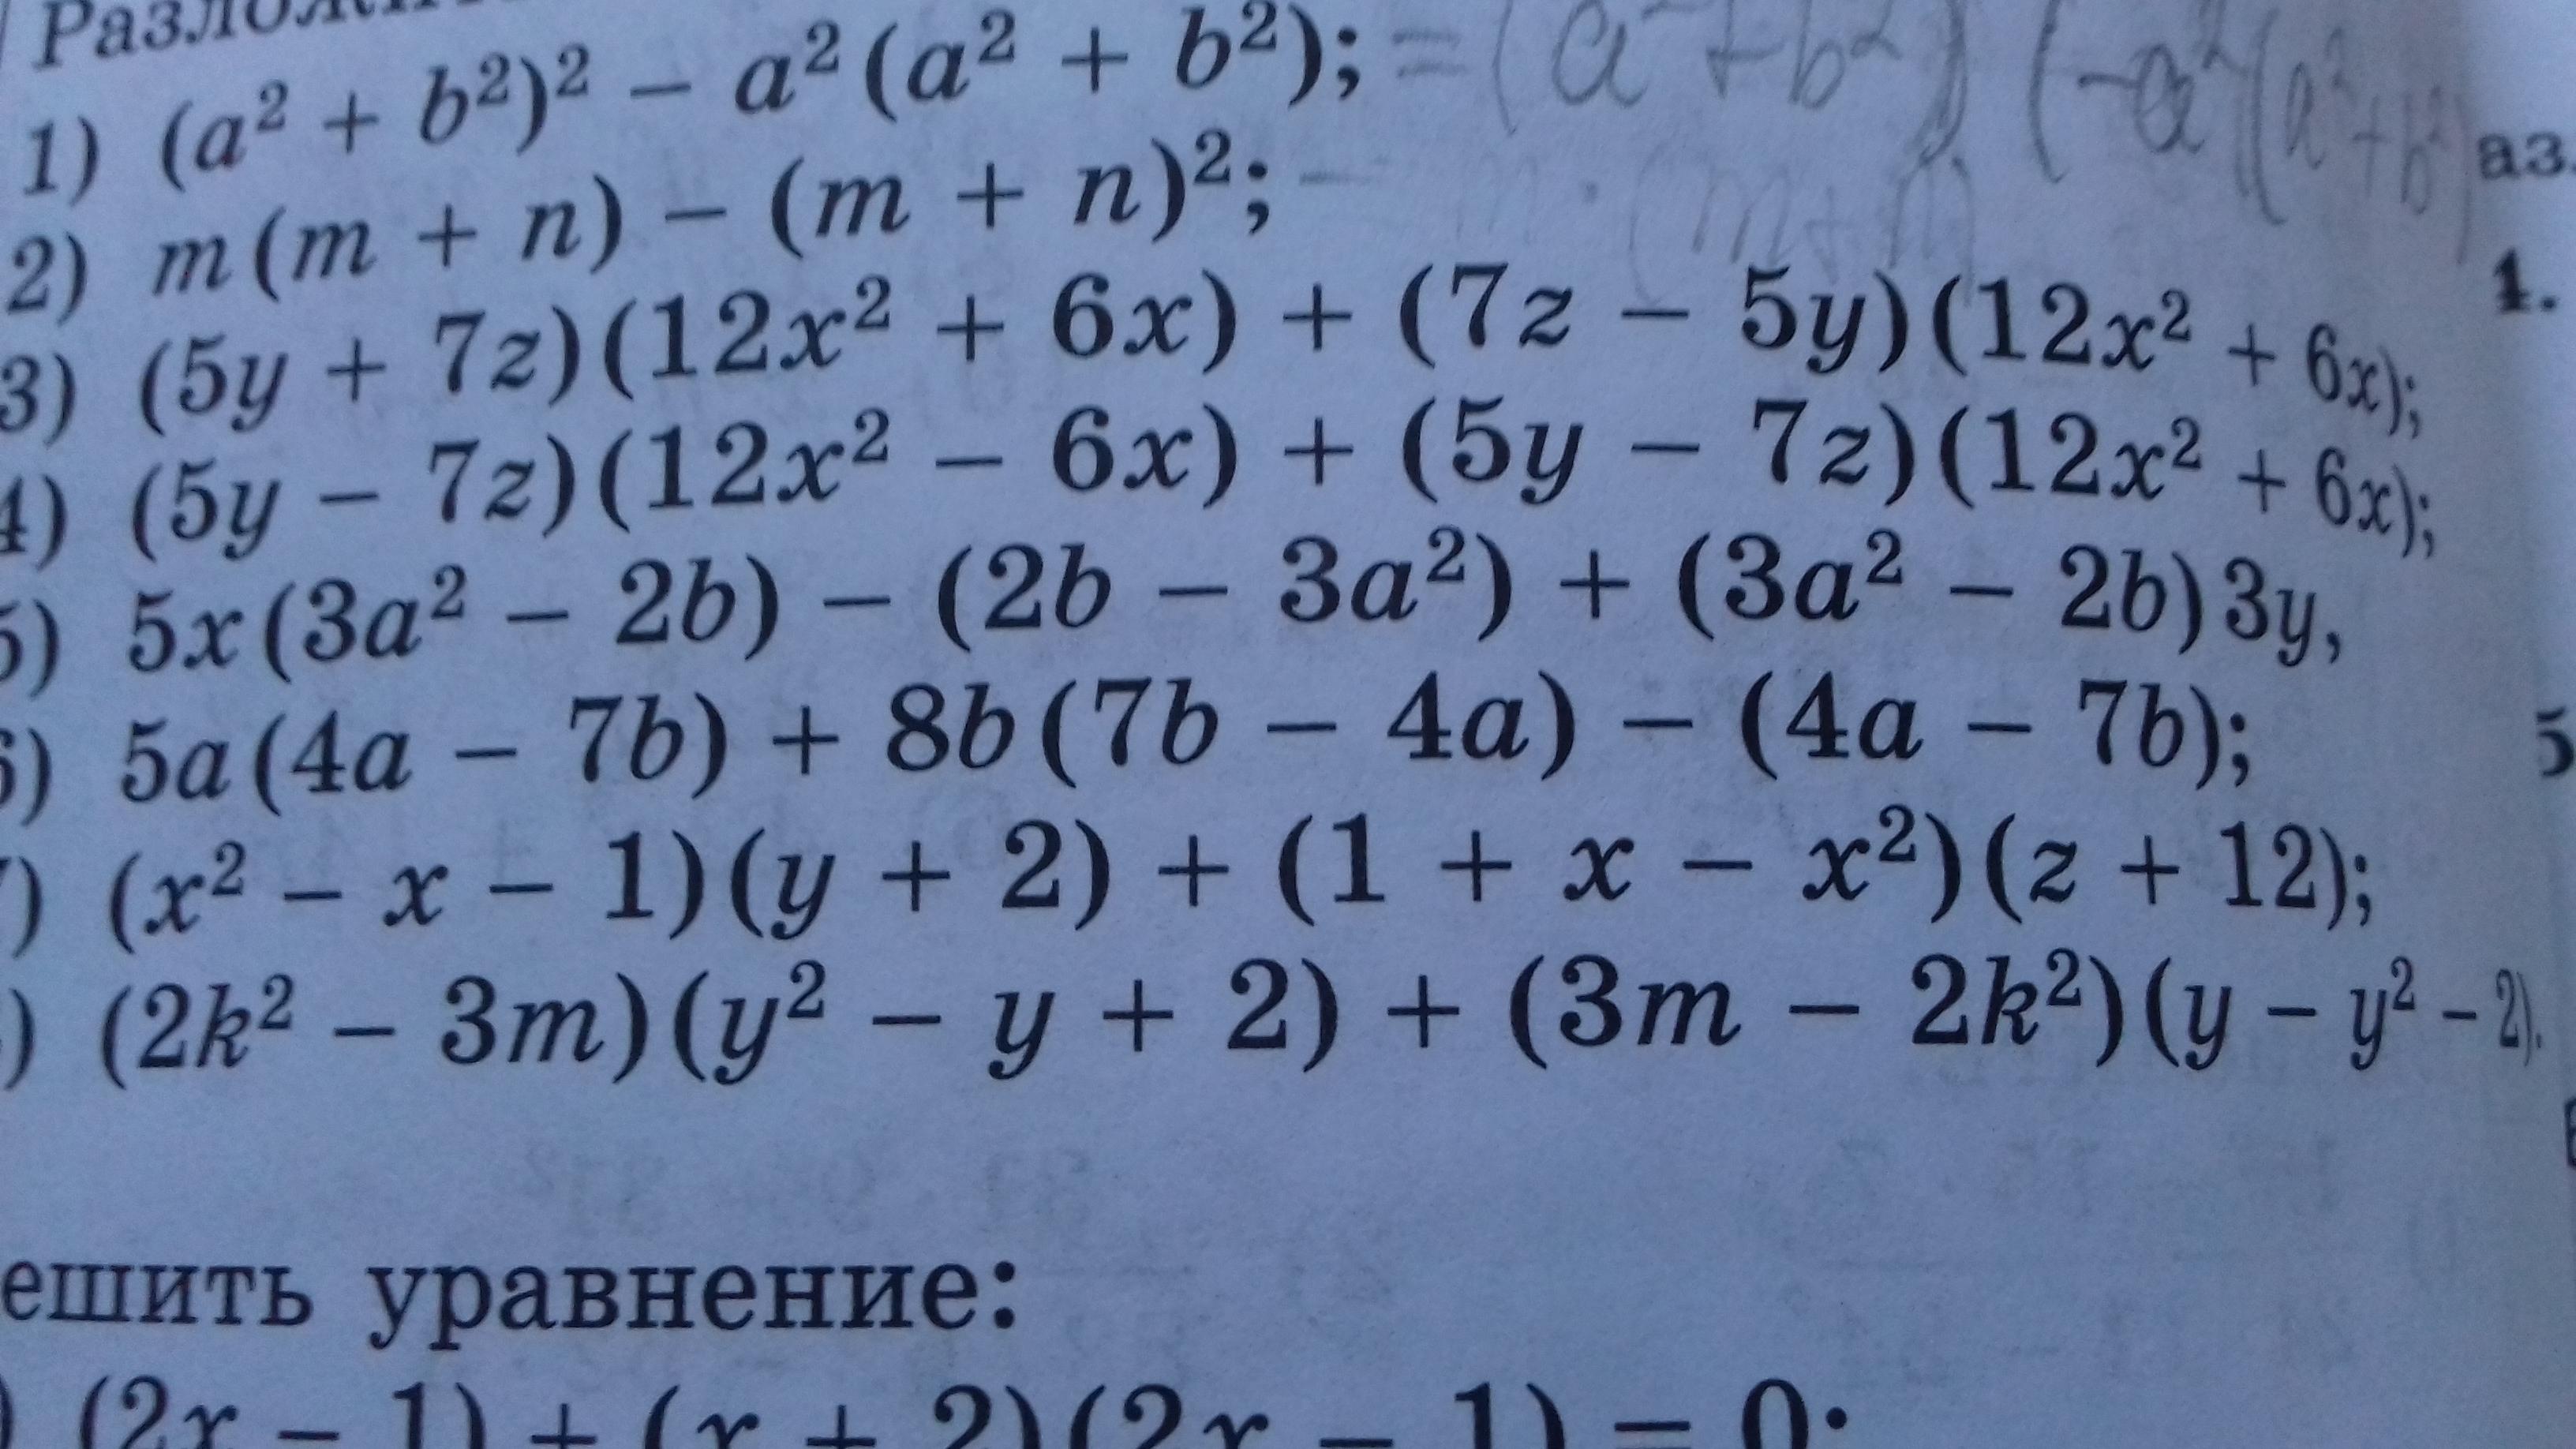 Алгебра решите пожалуйста?